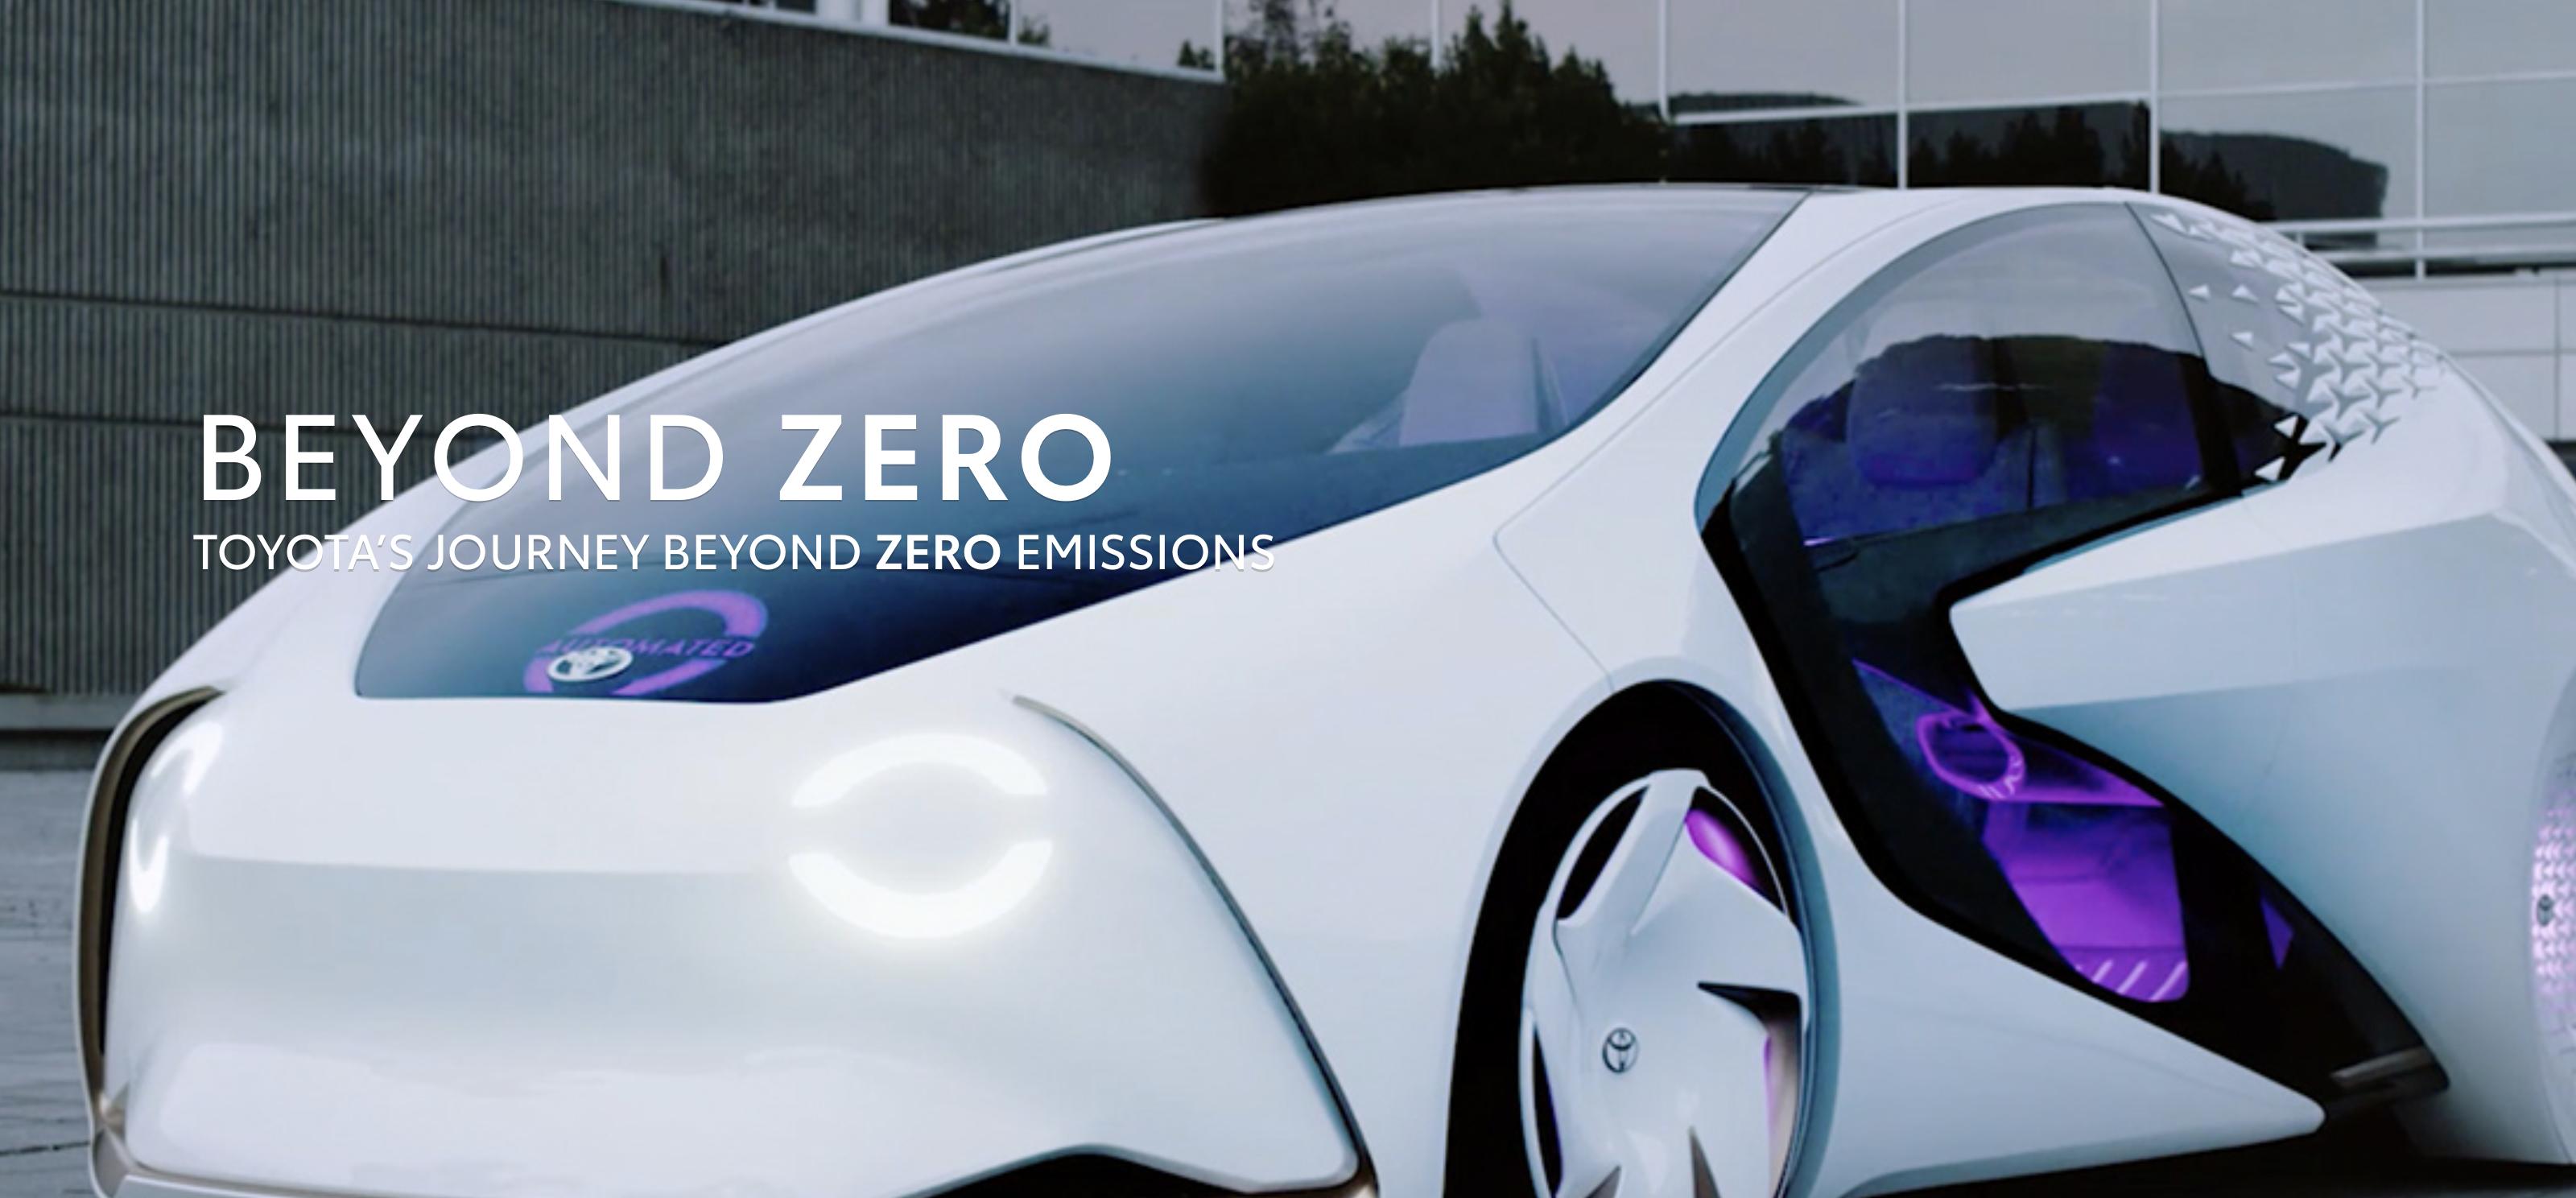 Beyond Zero, cosa c'è dietro il nuovo marchio Toyota